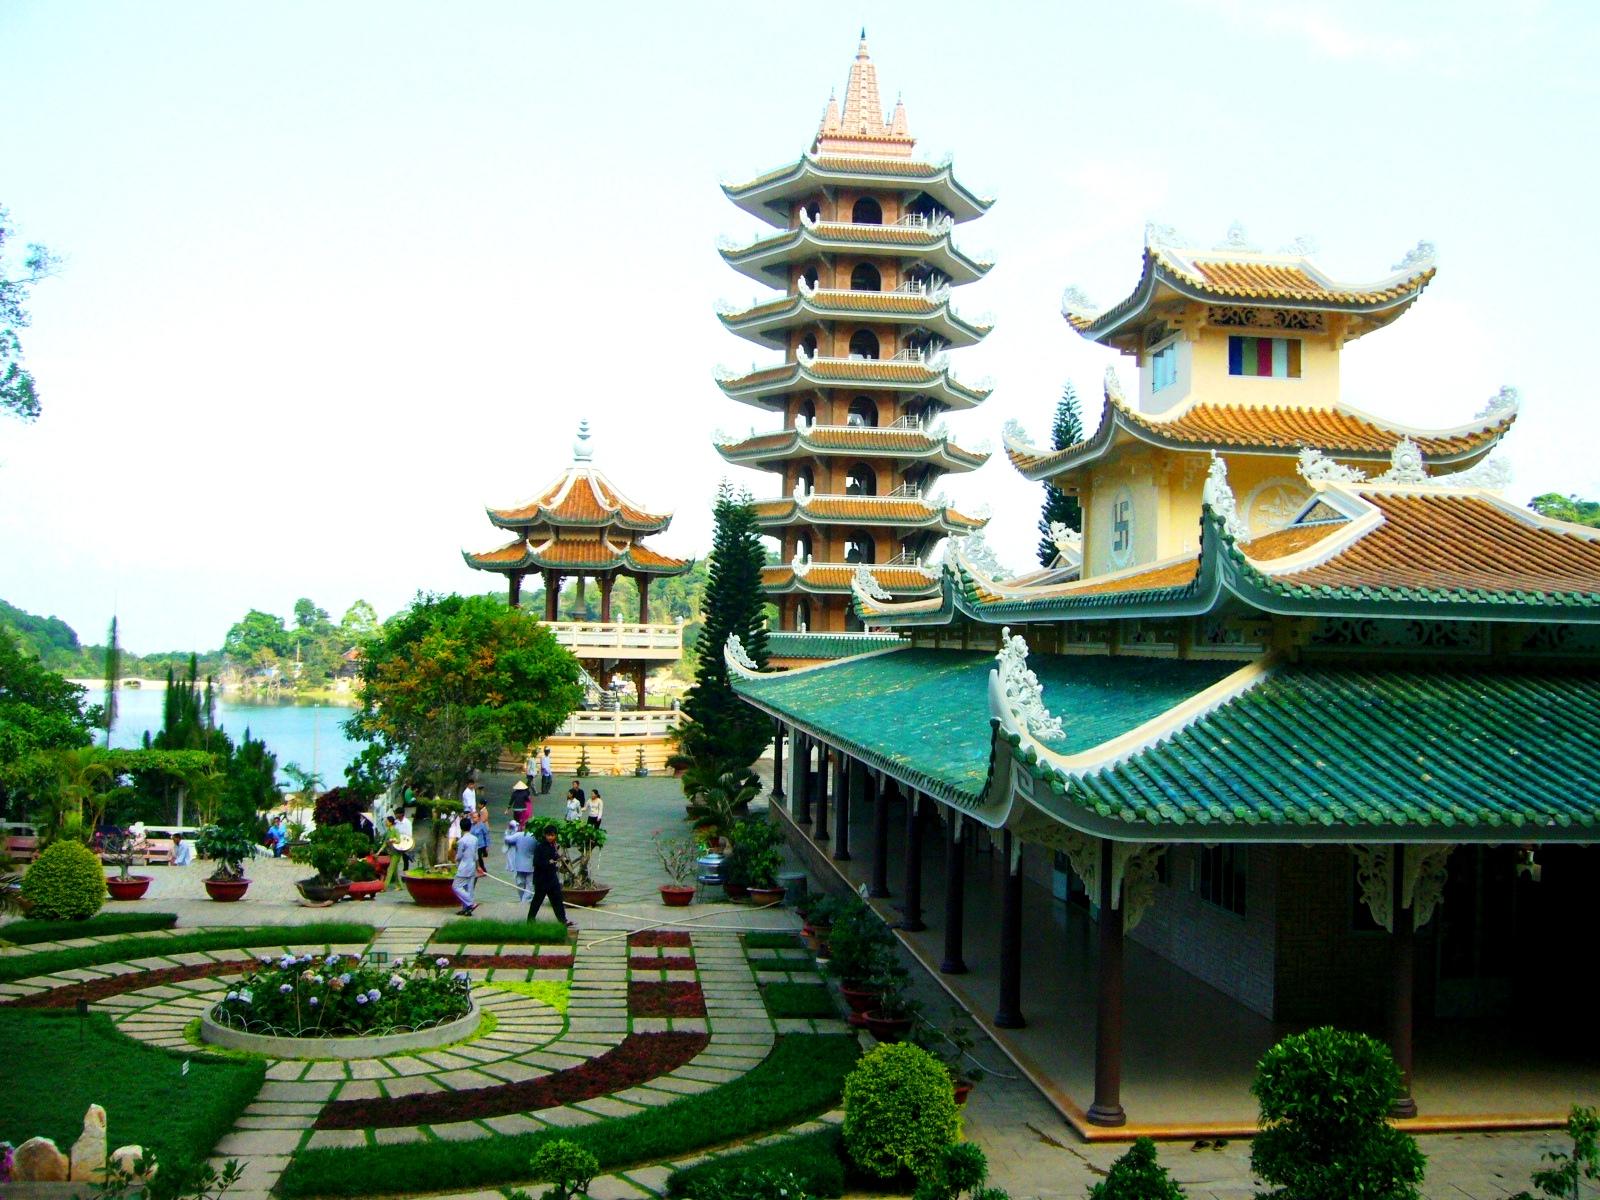 Du lịch Châu Đốc - Miền Tây 3N2Đ